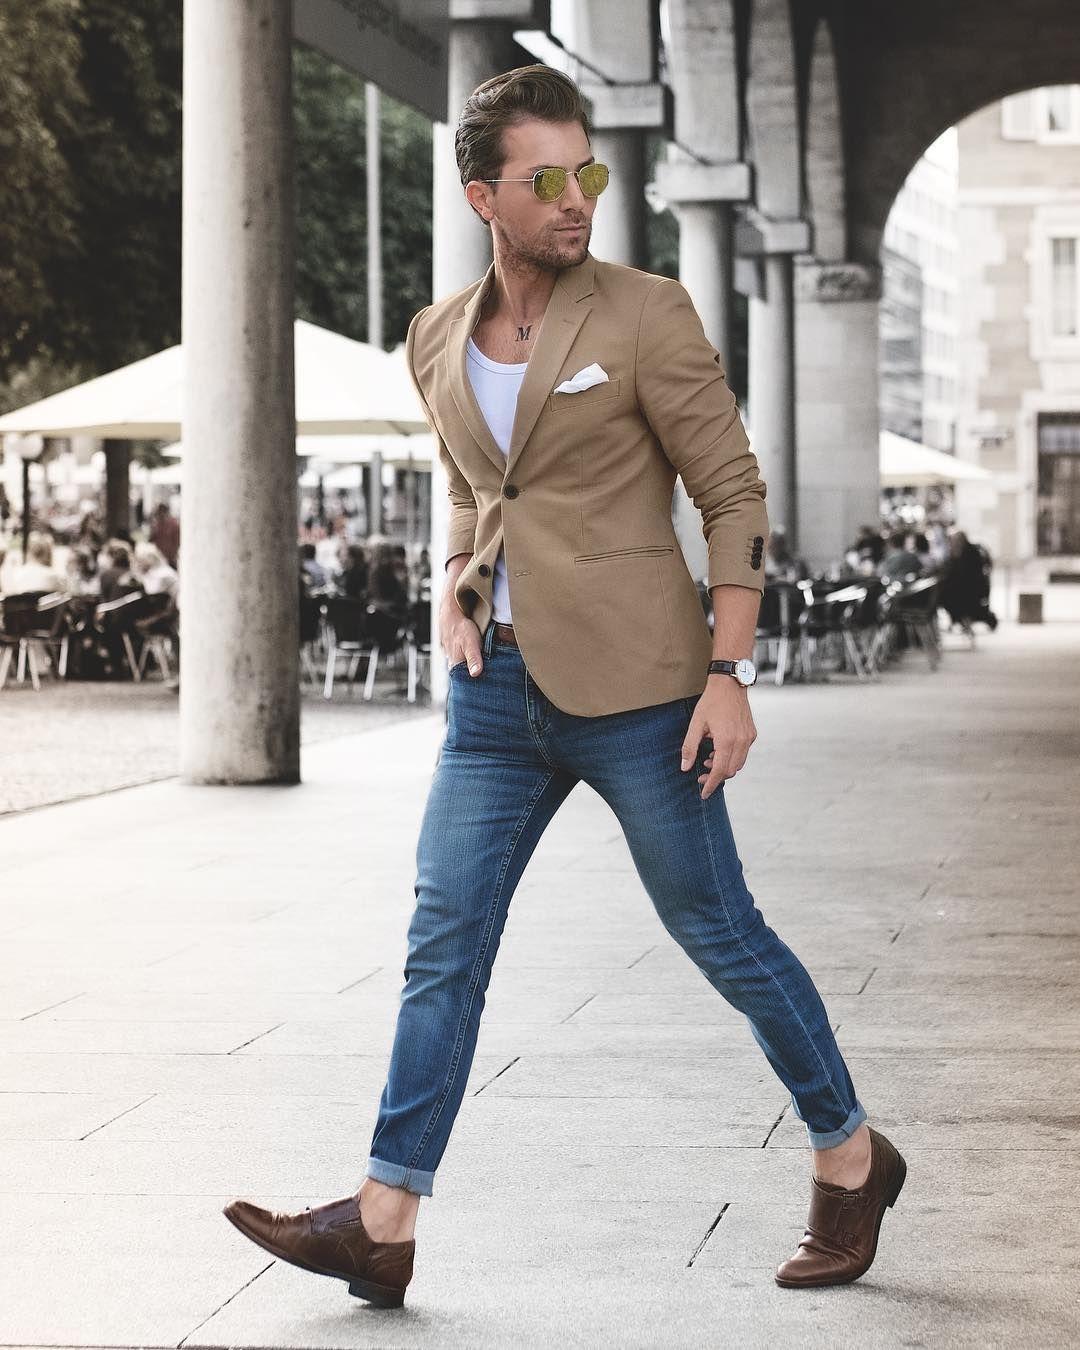 Blazer, singlet, jeans, double monk